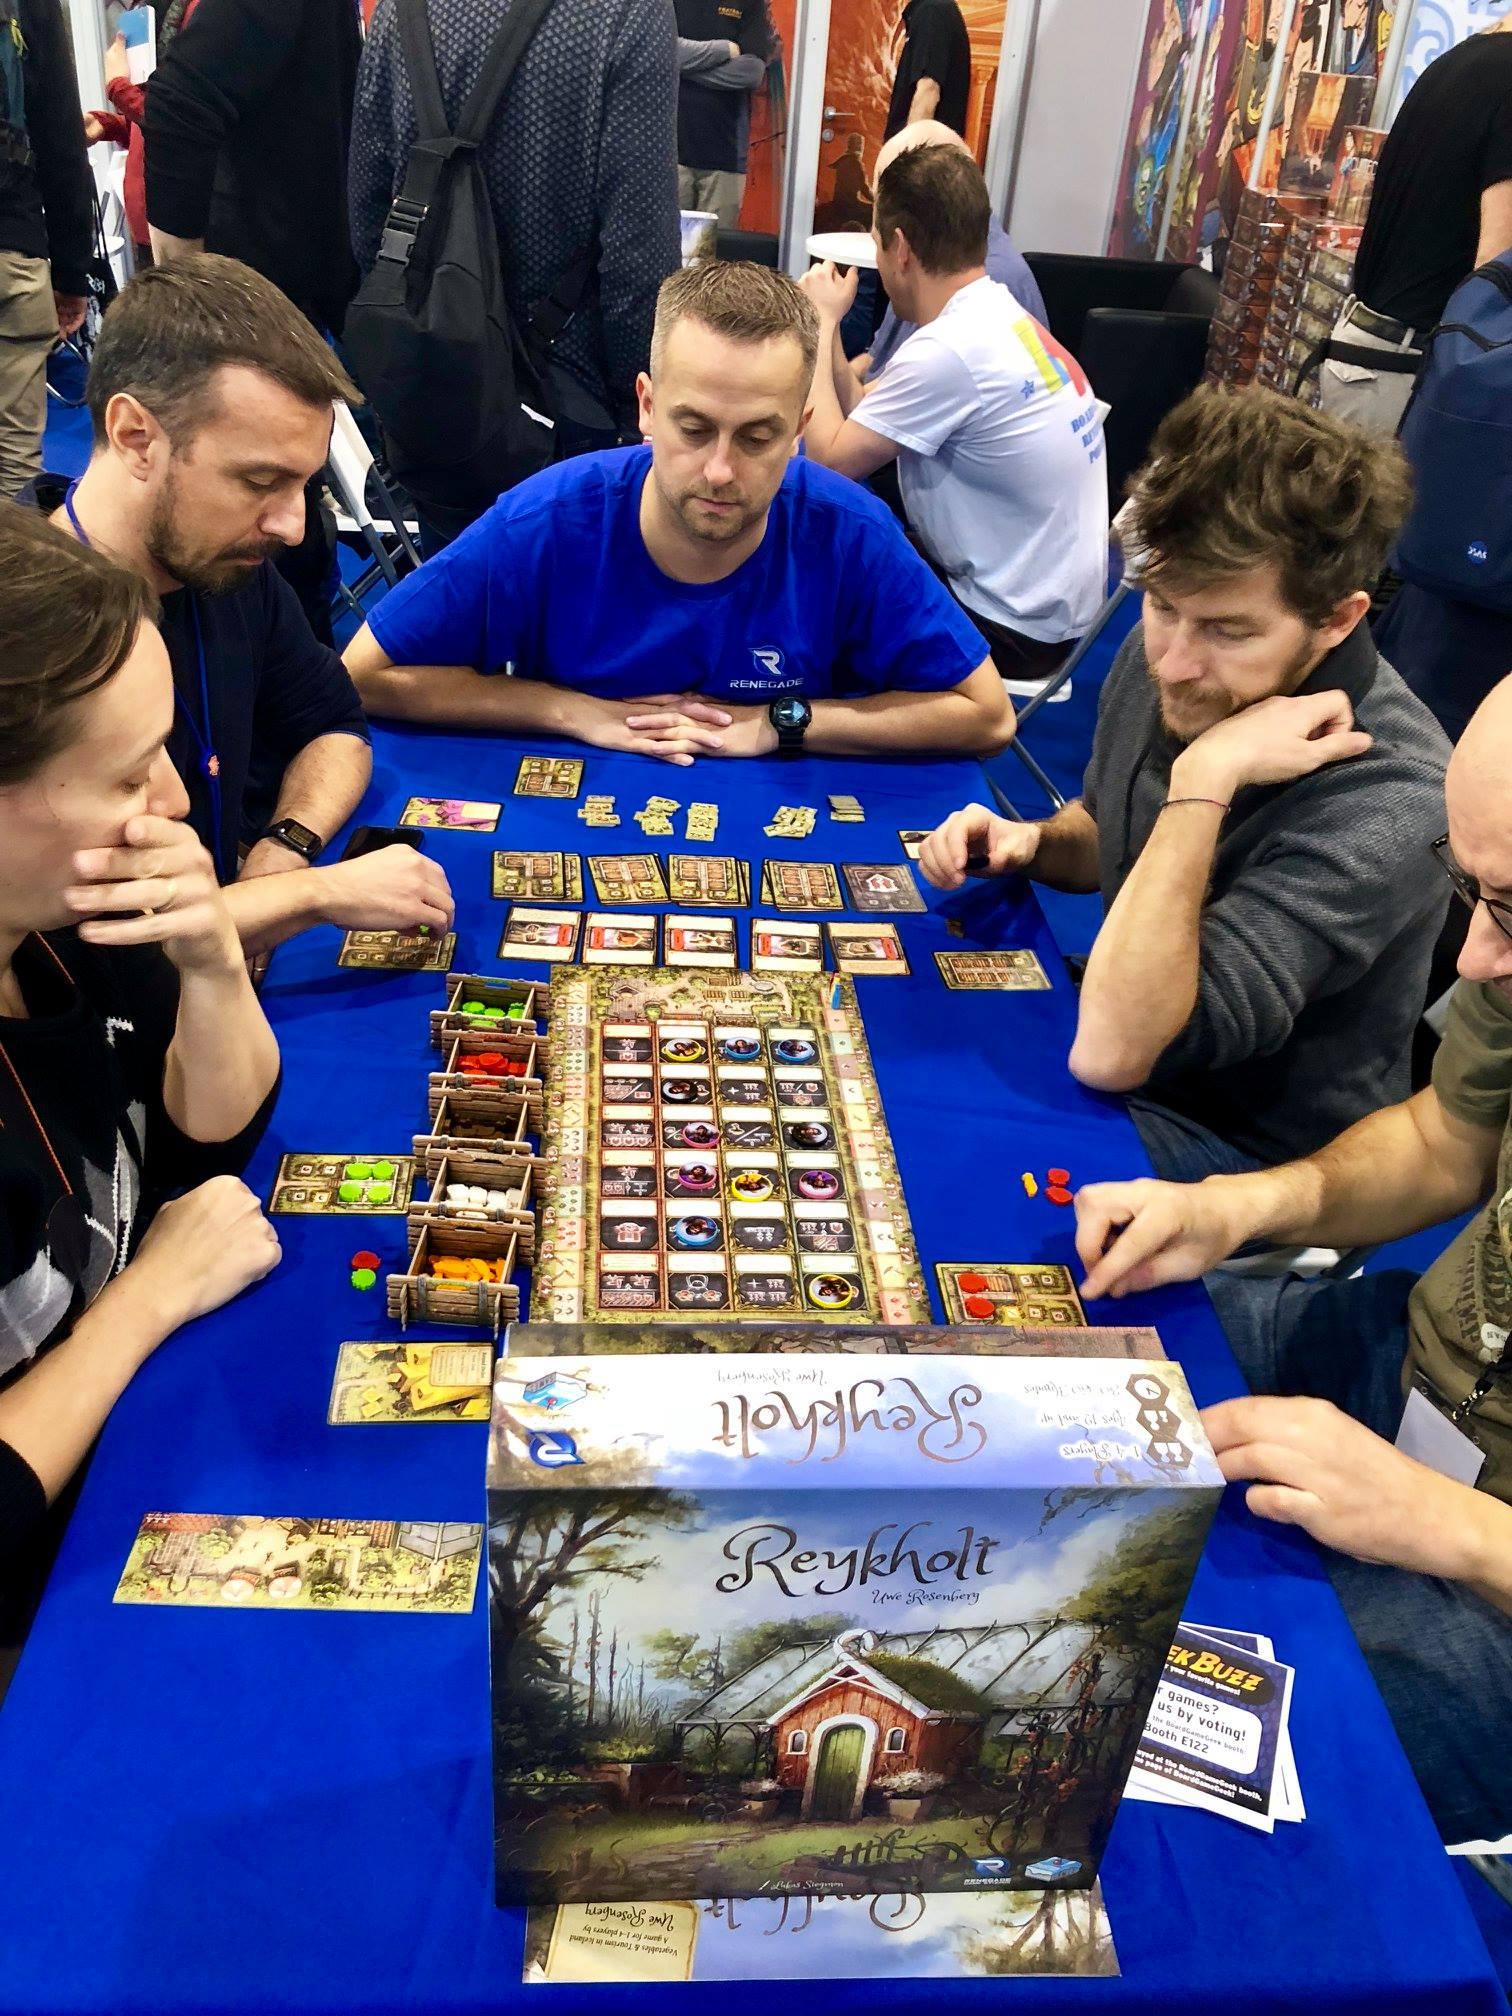 A full table of Reykholt!